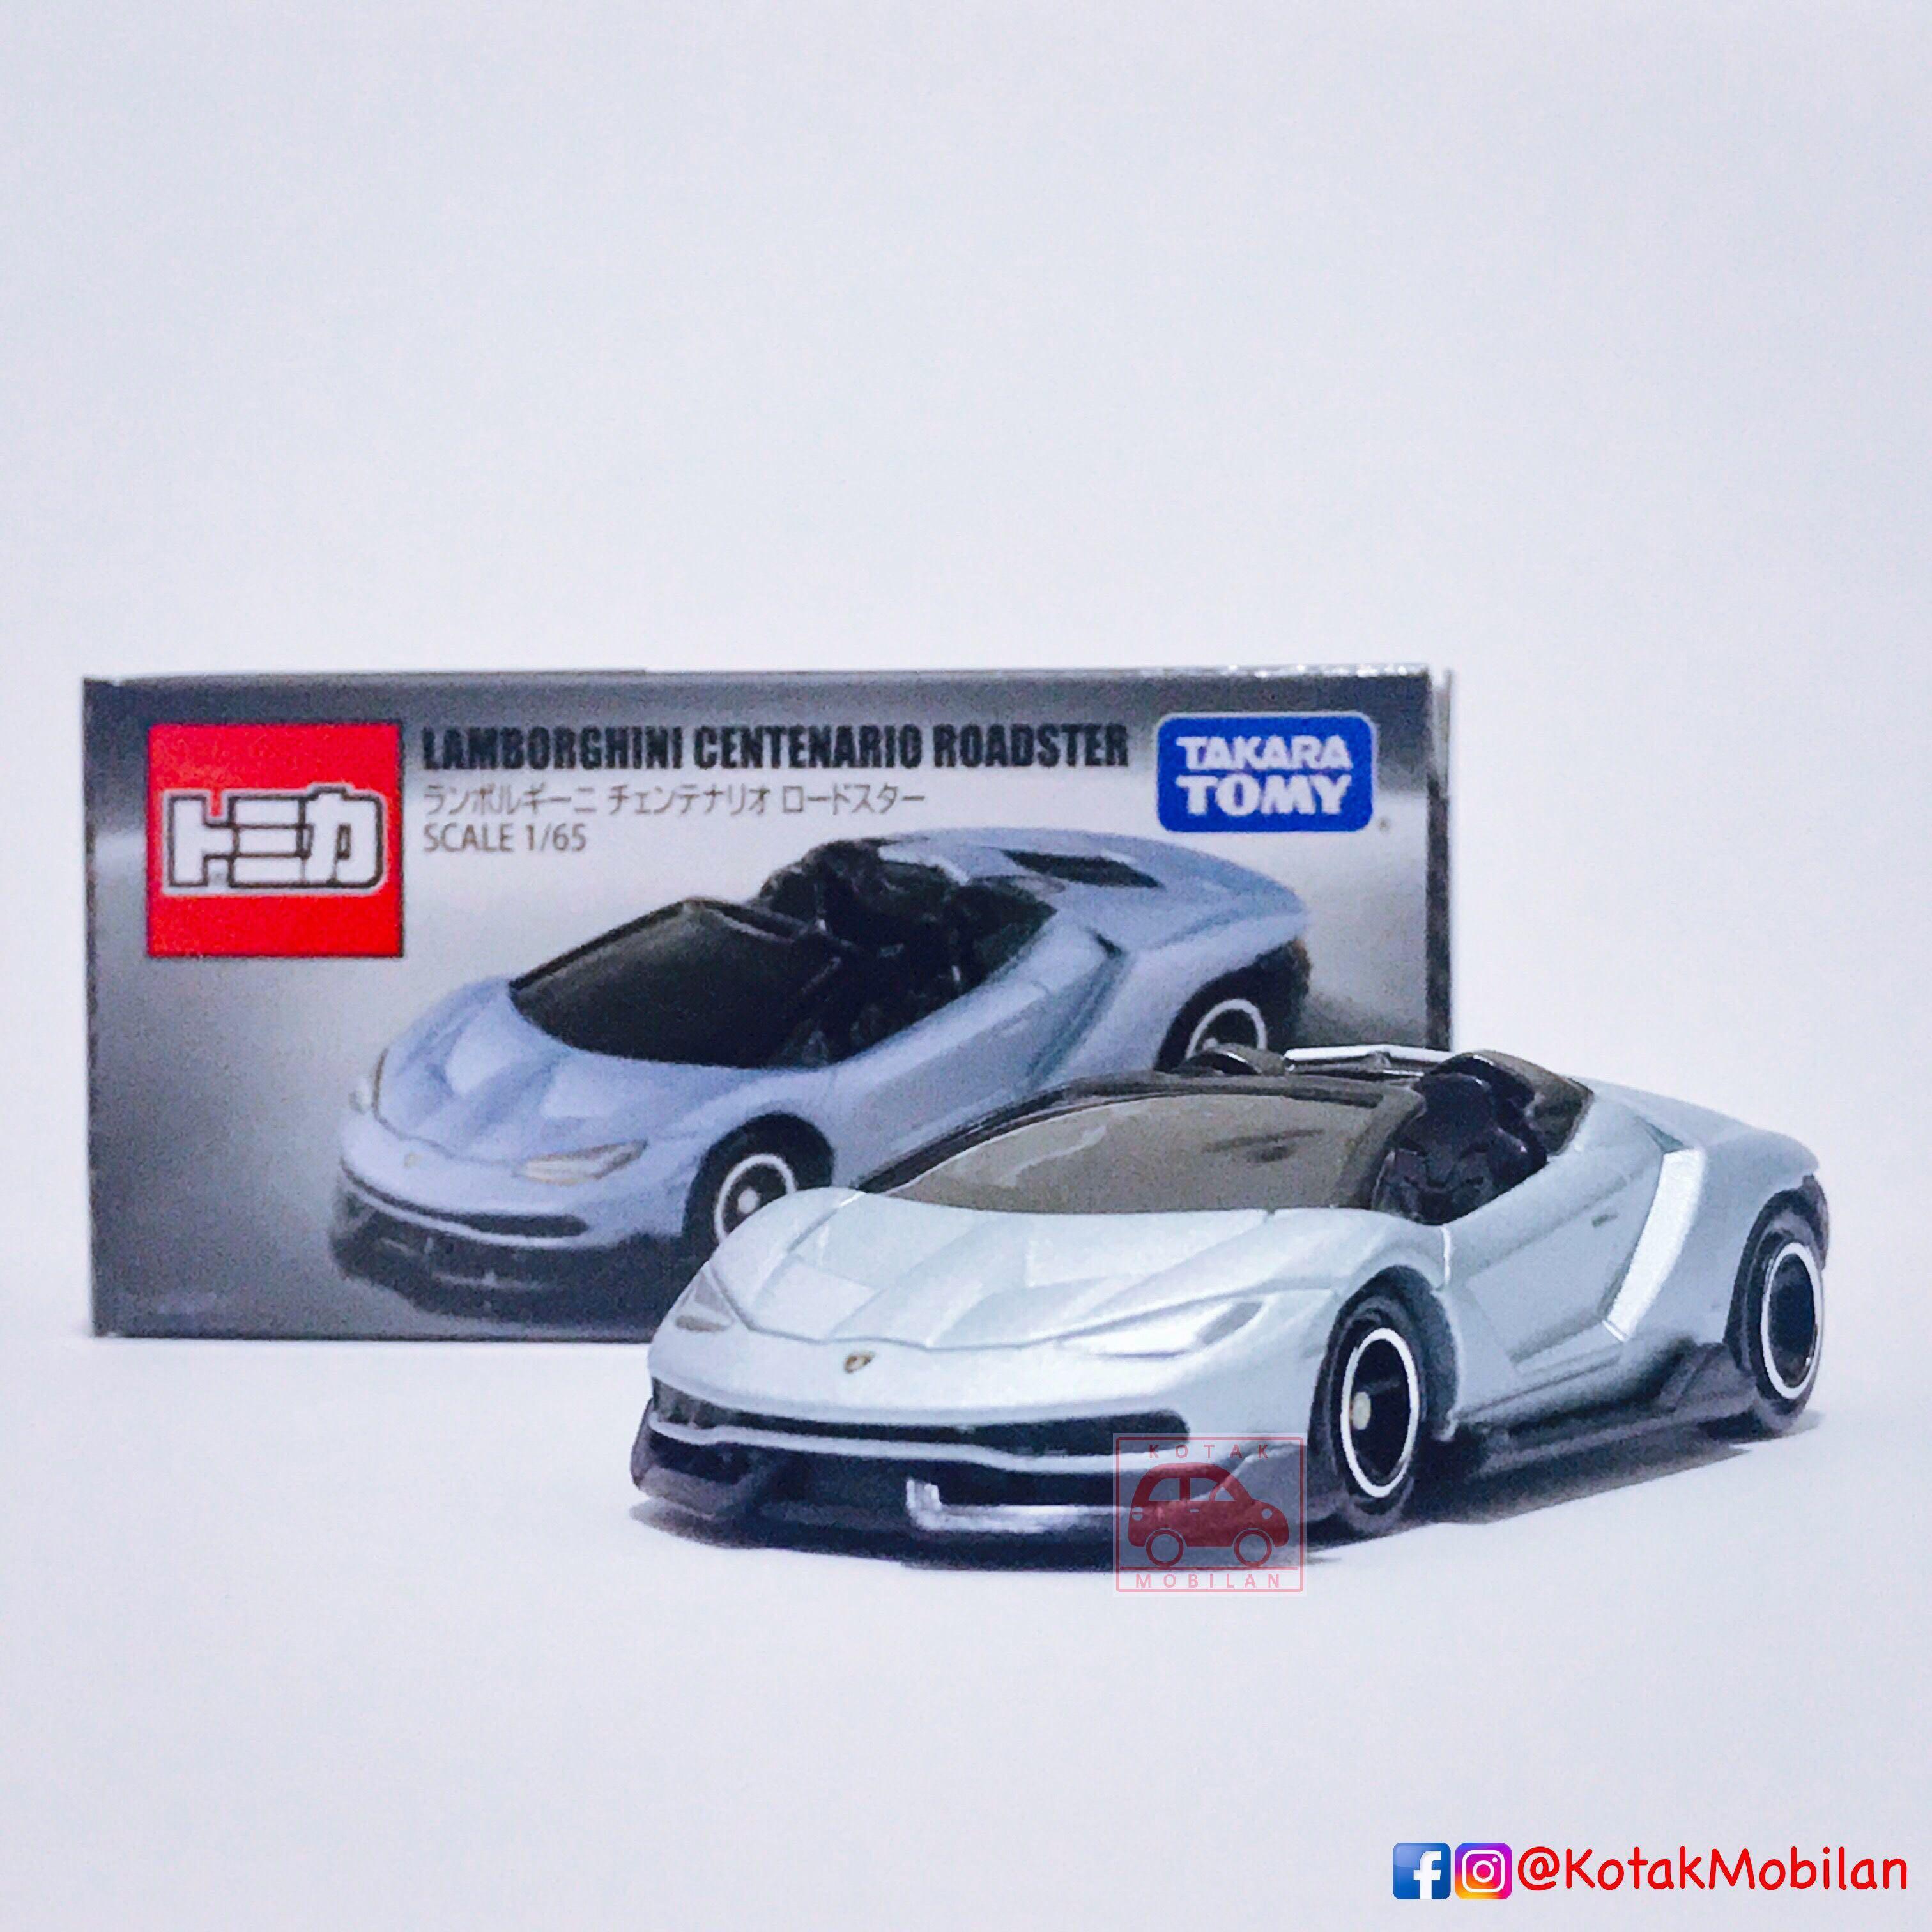 New Tomica Lottery Lamborghini Centenario Roadster Toys